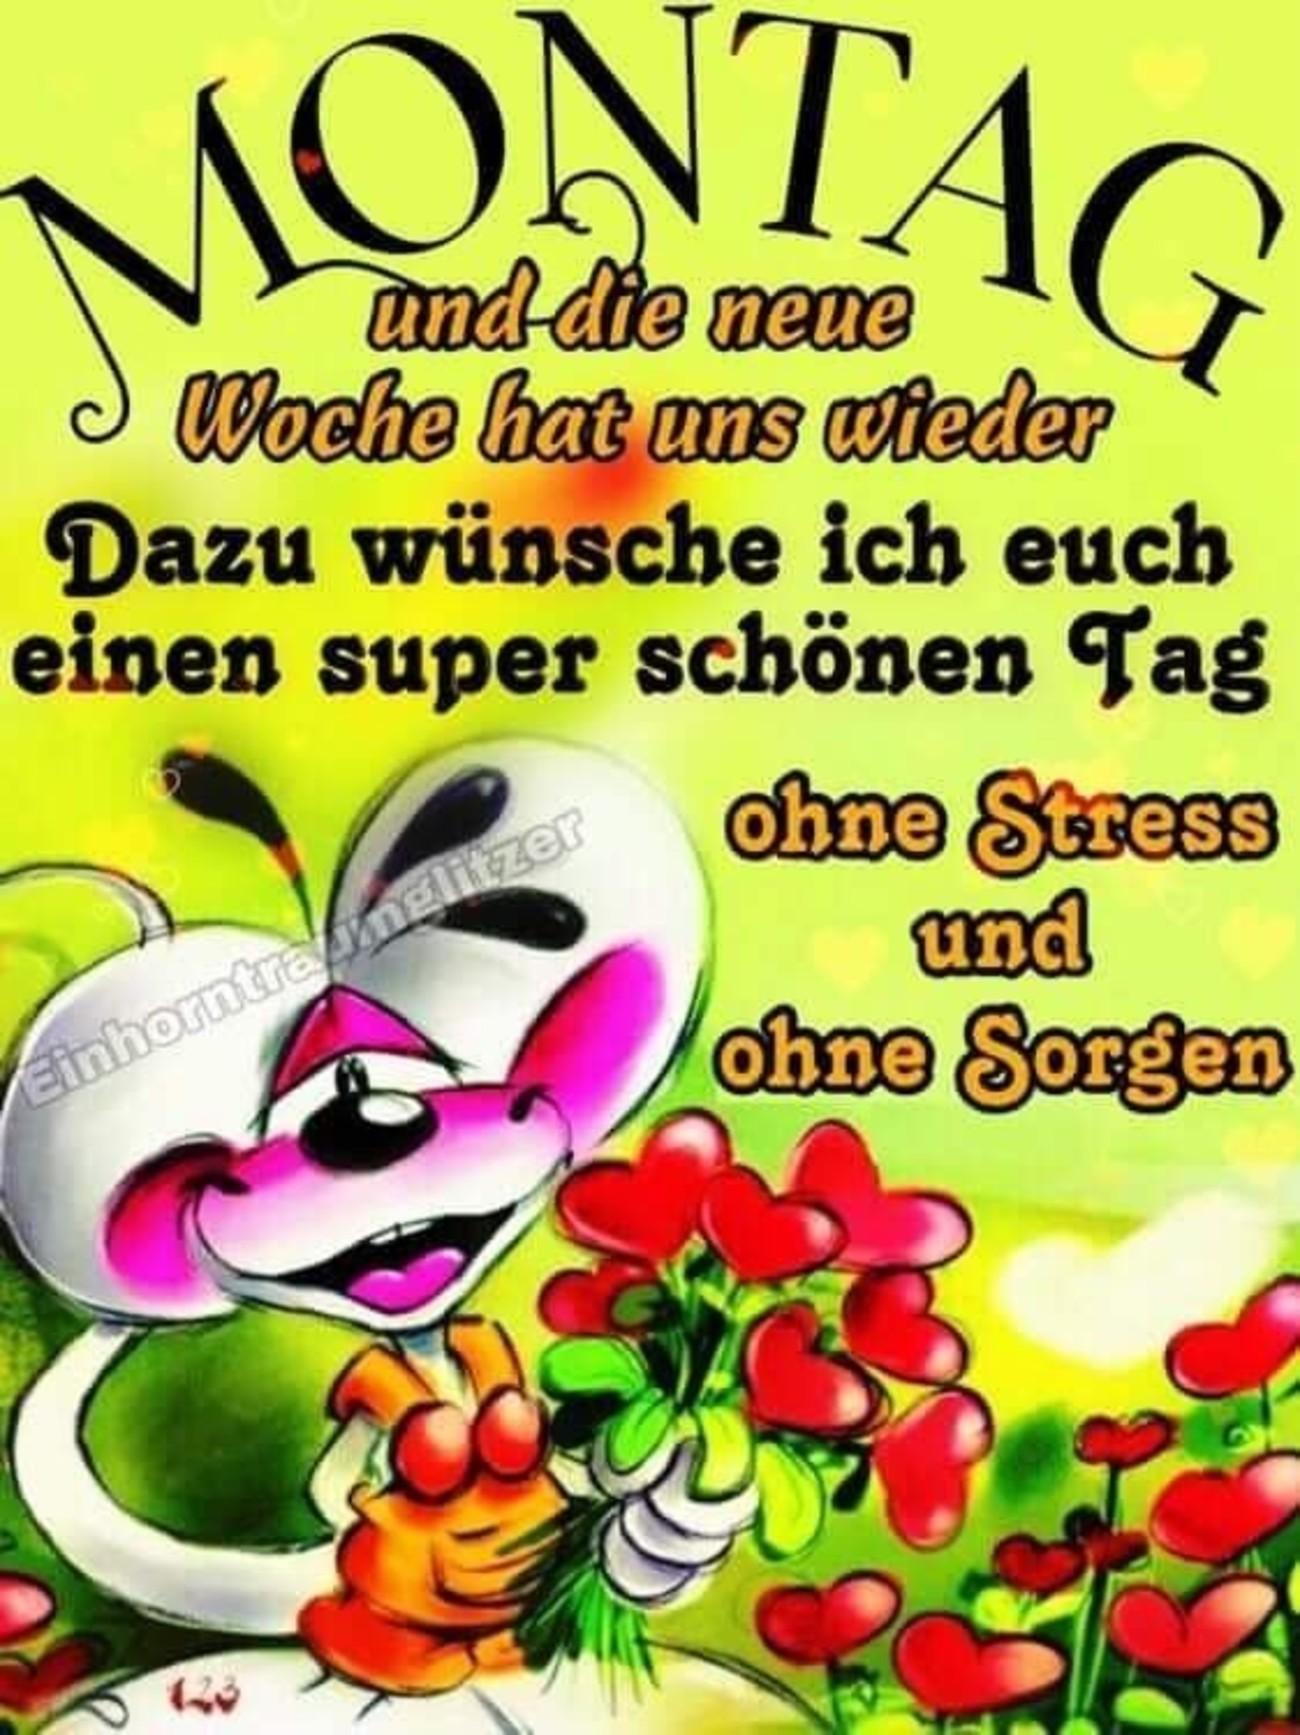 Schöne whatsapp